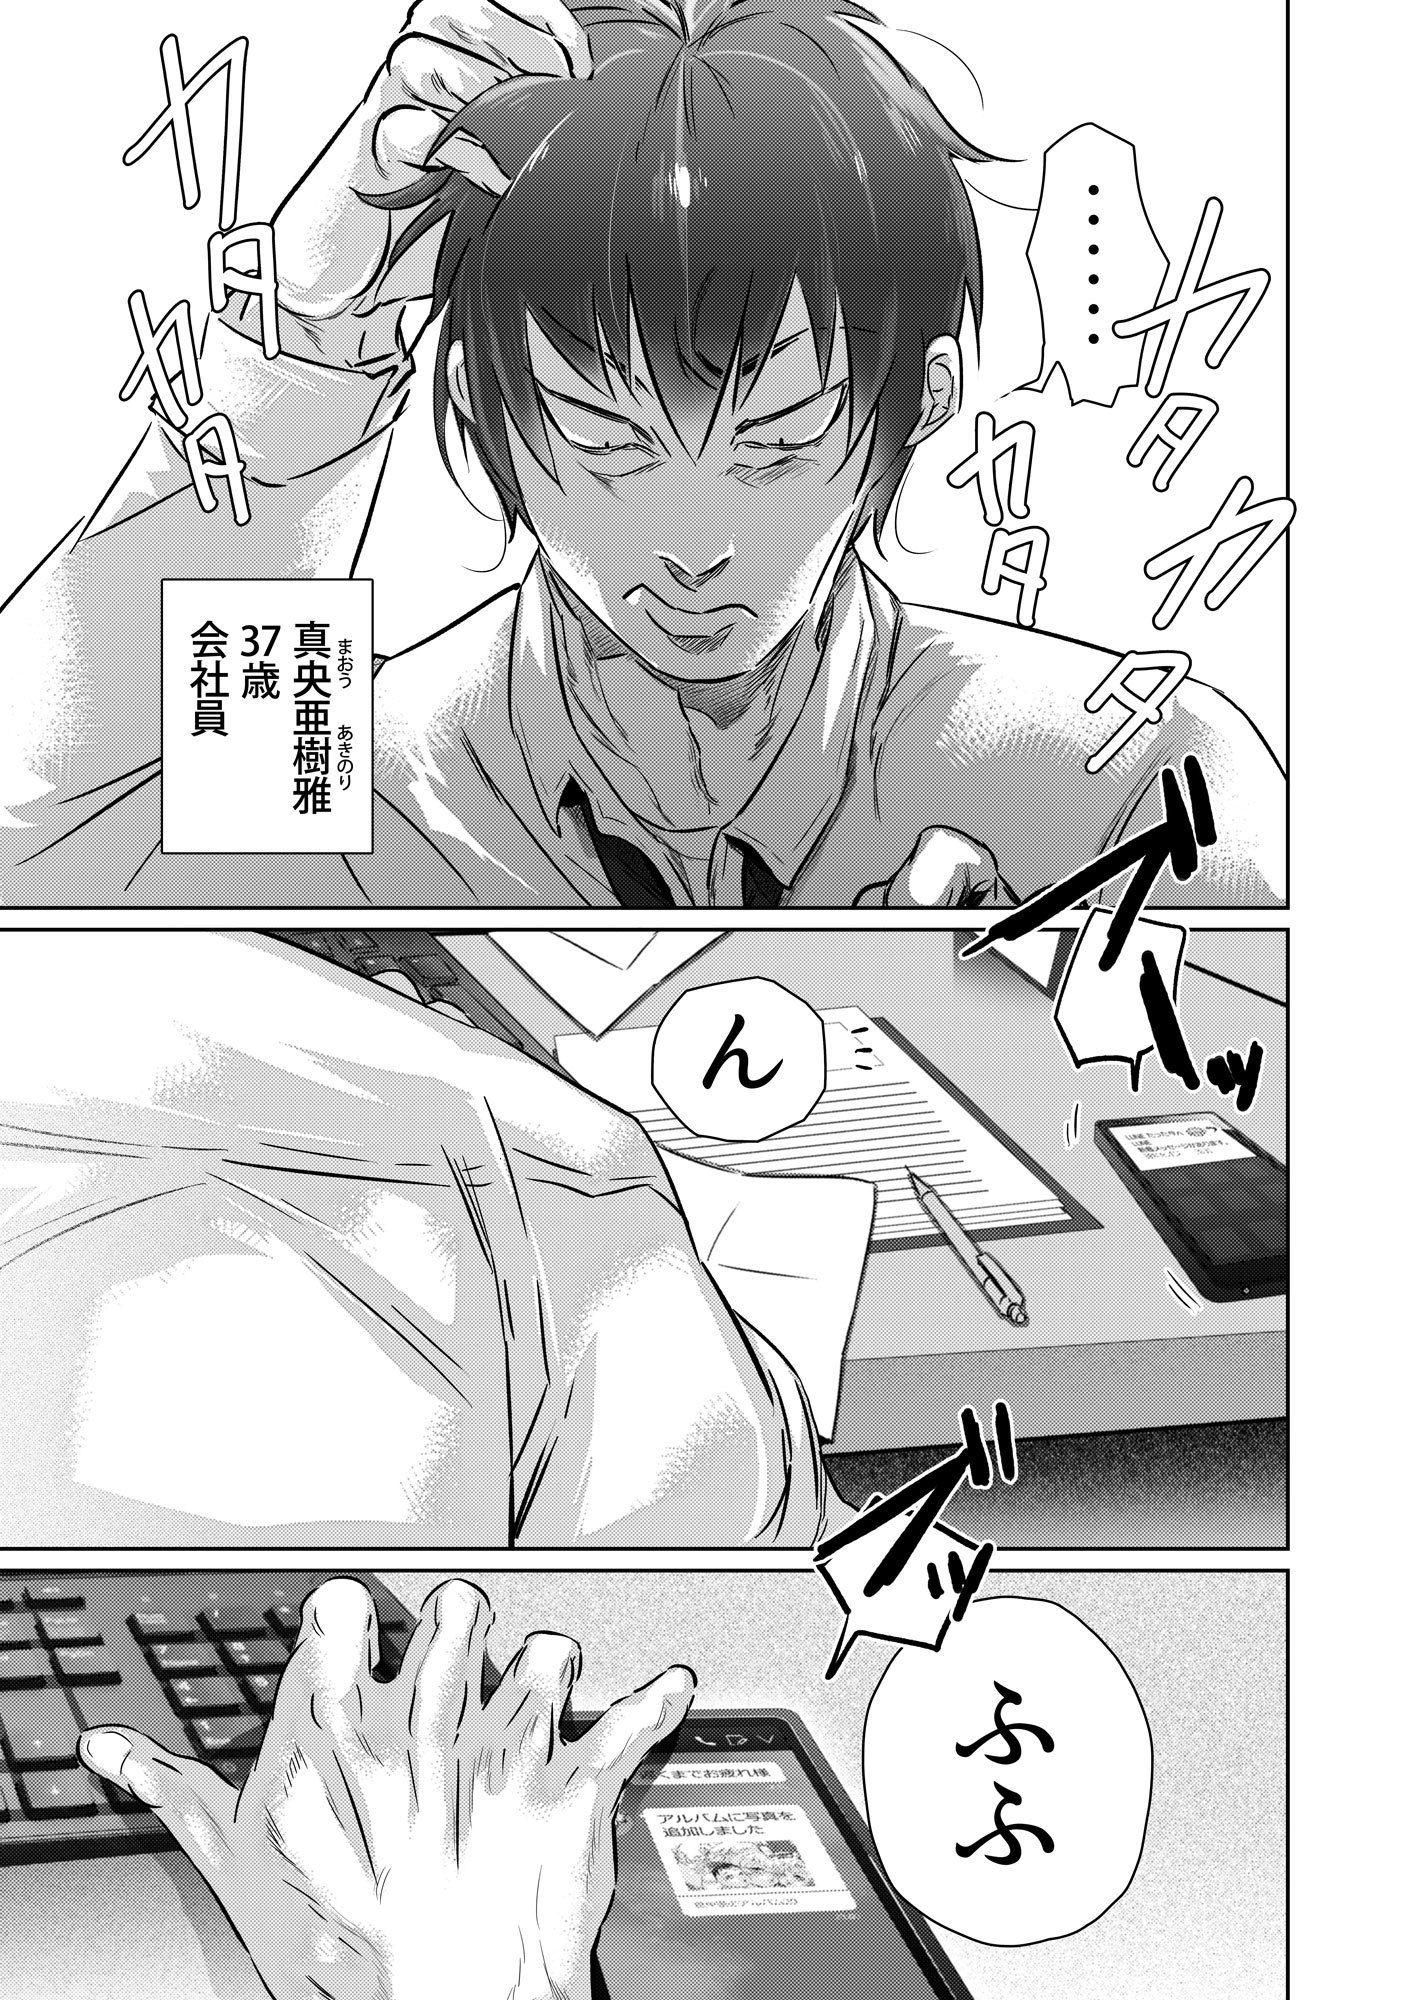 夫婦夜話第1夜〜真央夫妻の事情〜(特典版)